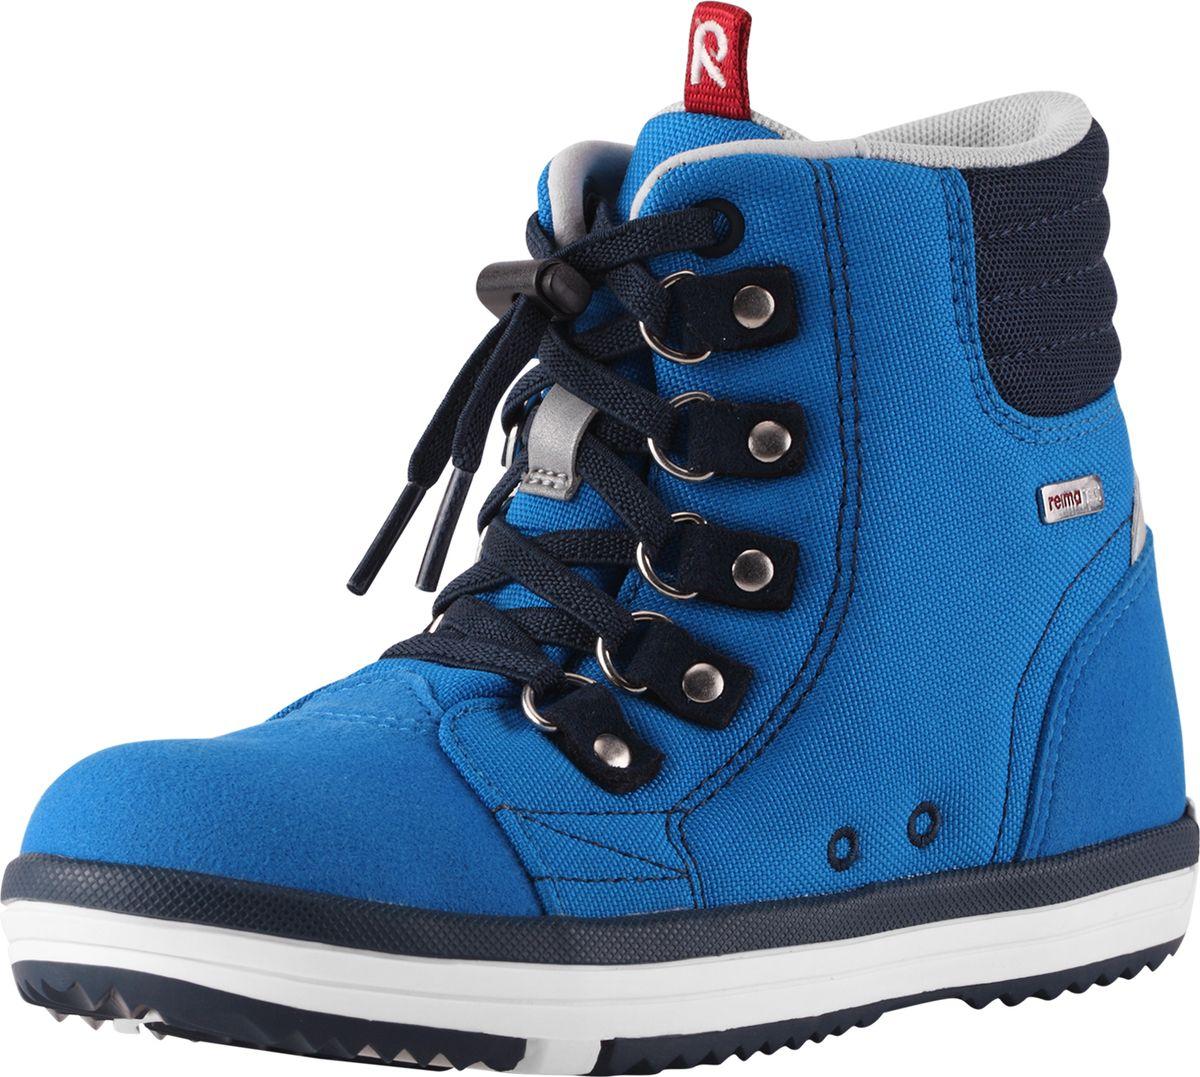 Ботинки Reima ботинки детские reima цвет черный 5693699990 размер 29